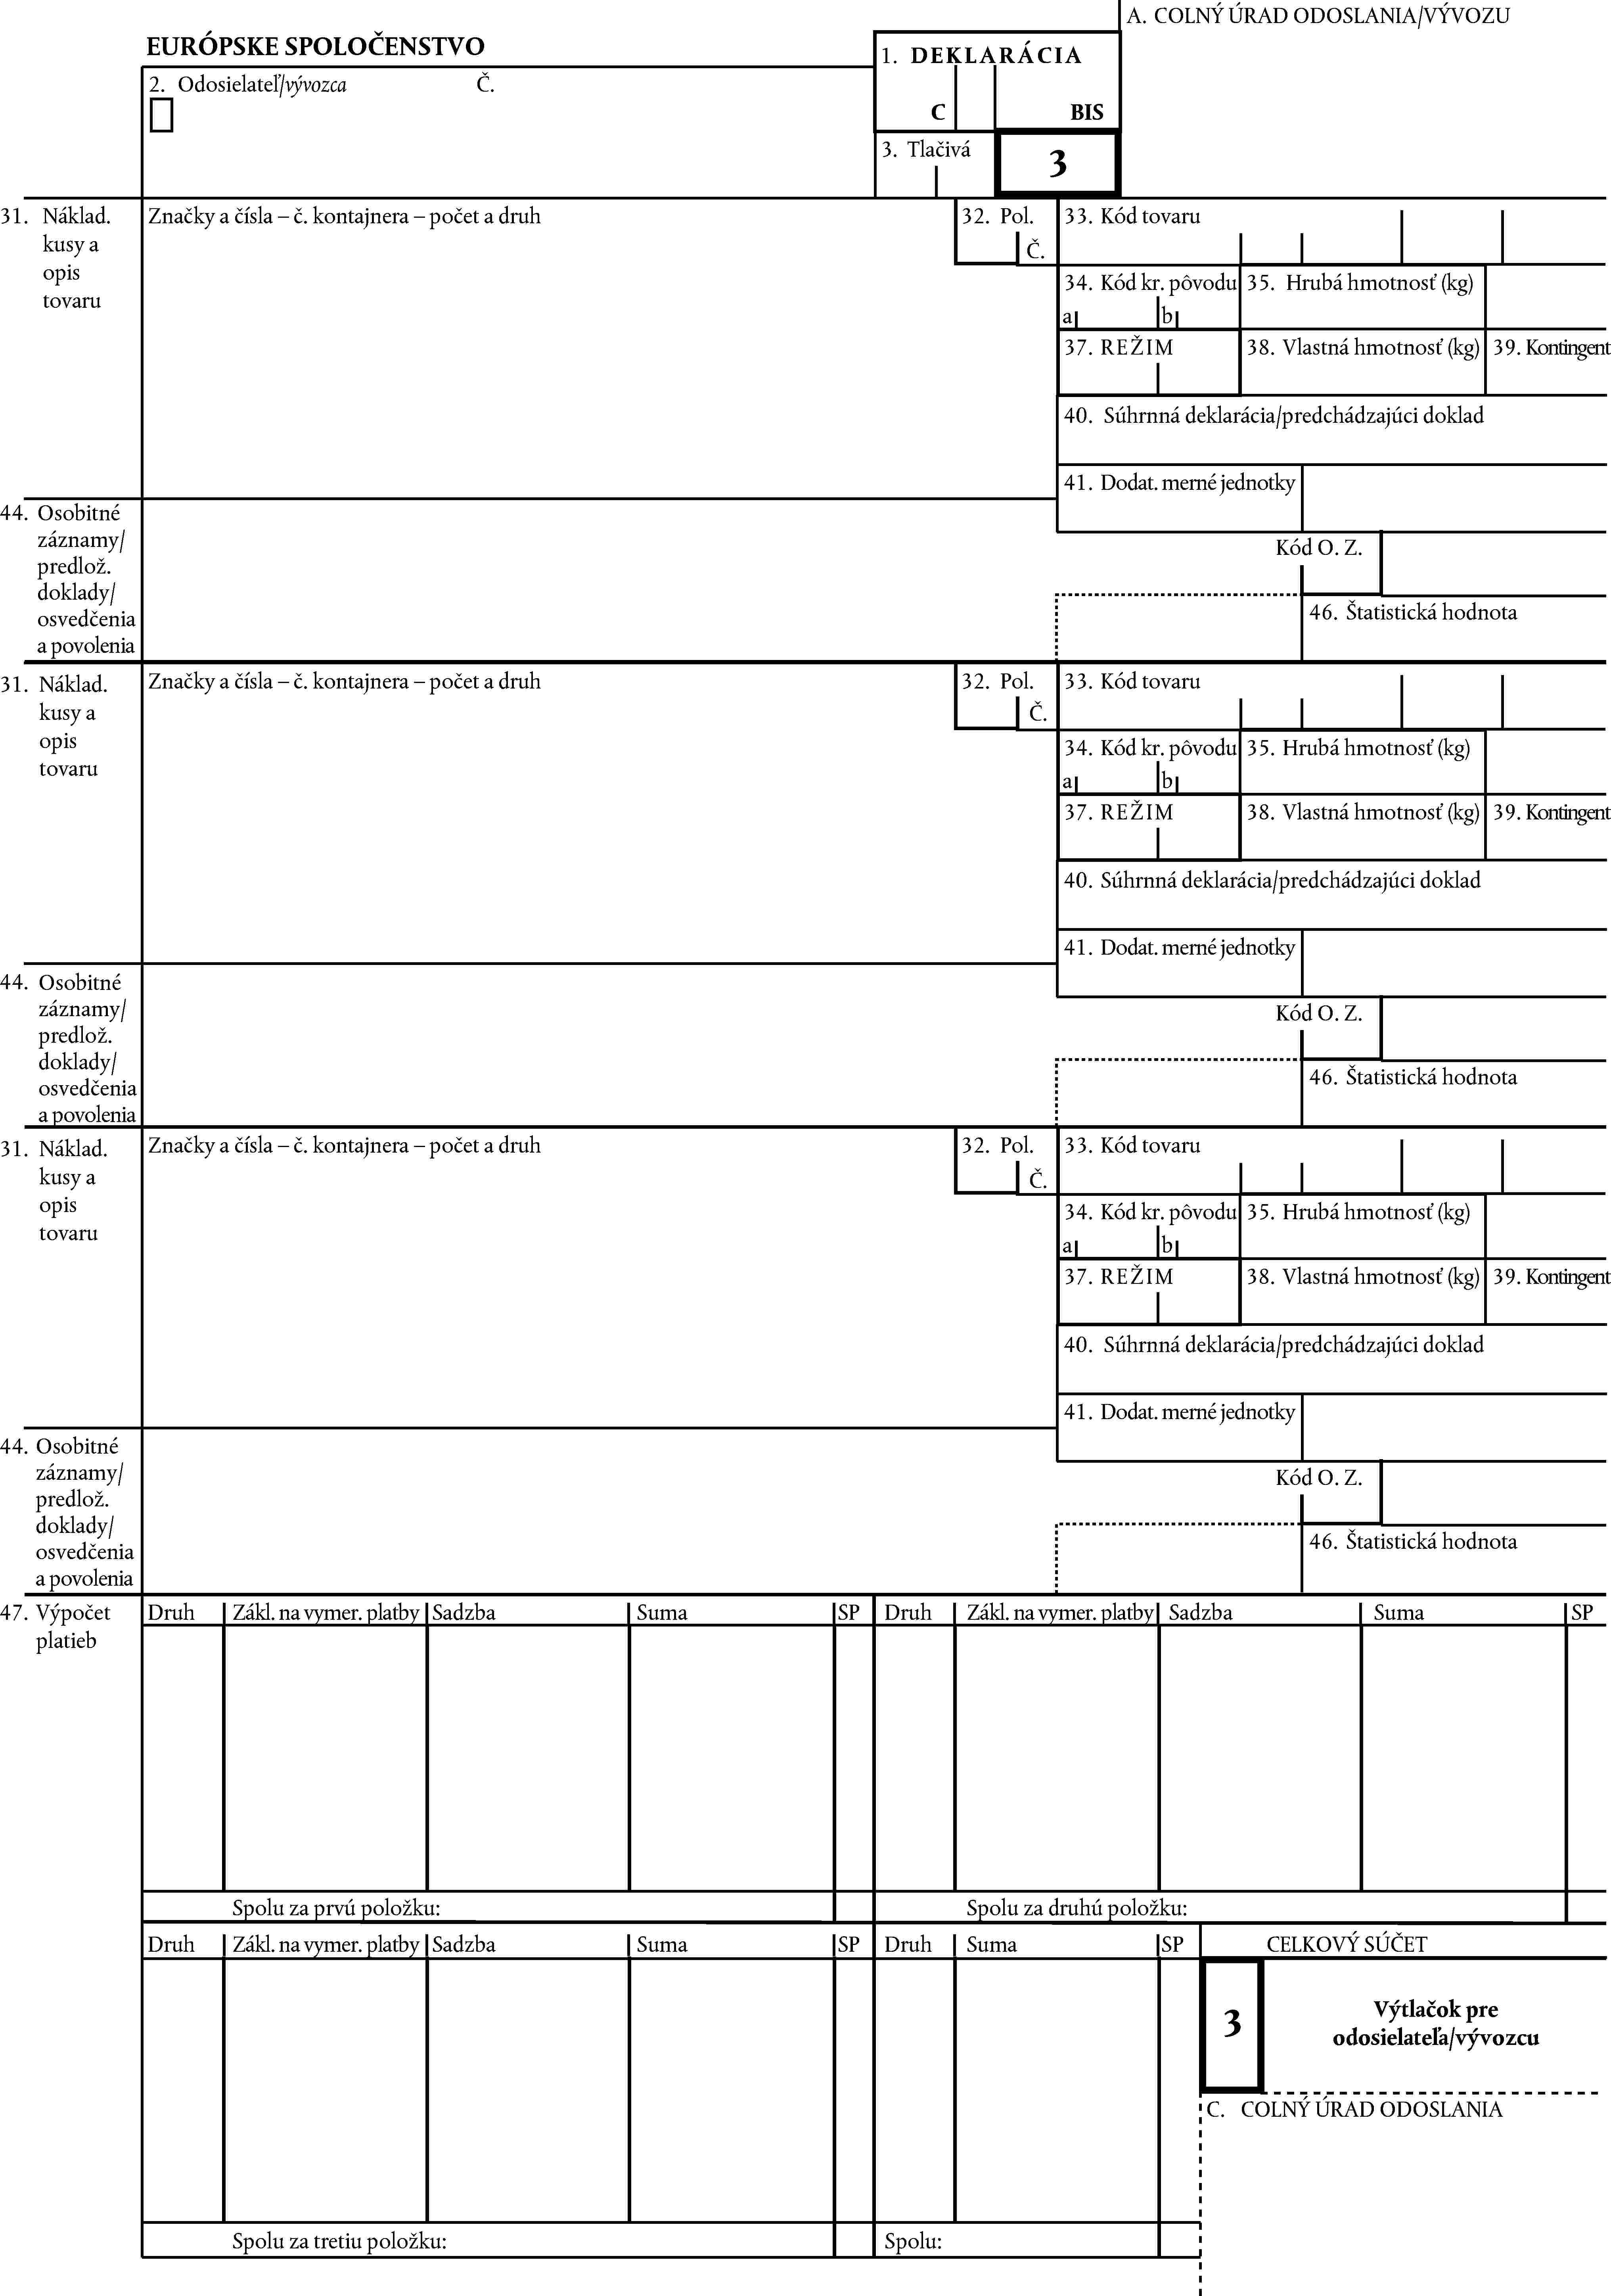 c364226cb4 EUR-Lex - 01993R2454-20060101 - EN - EUR-Lex